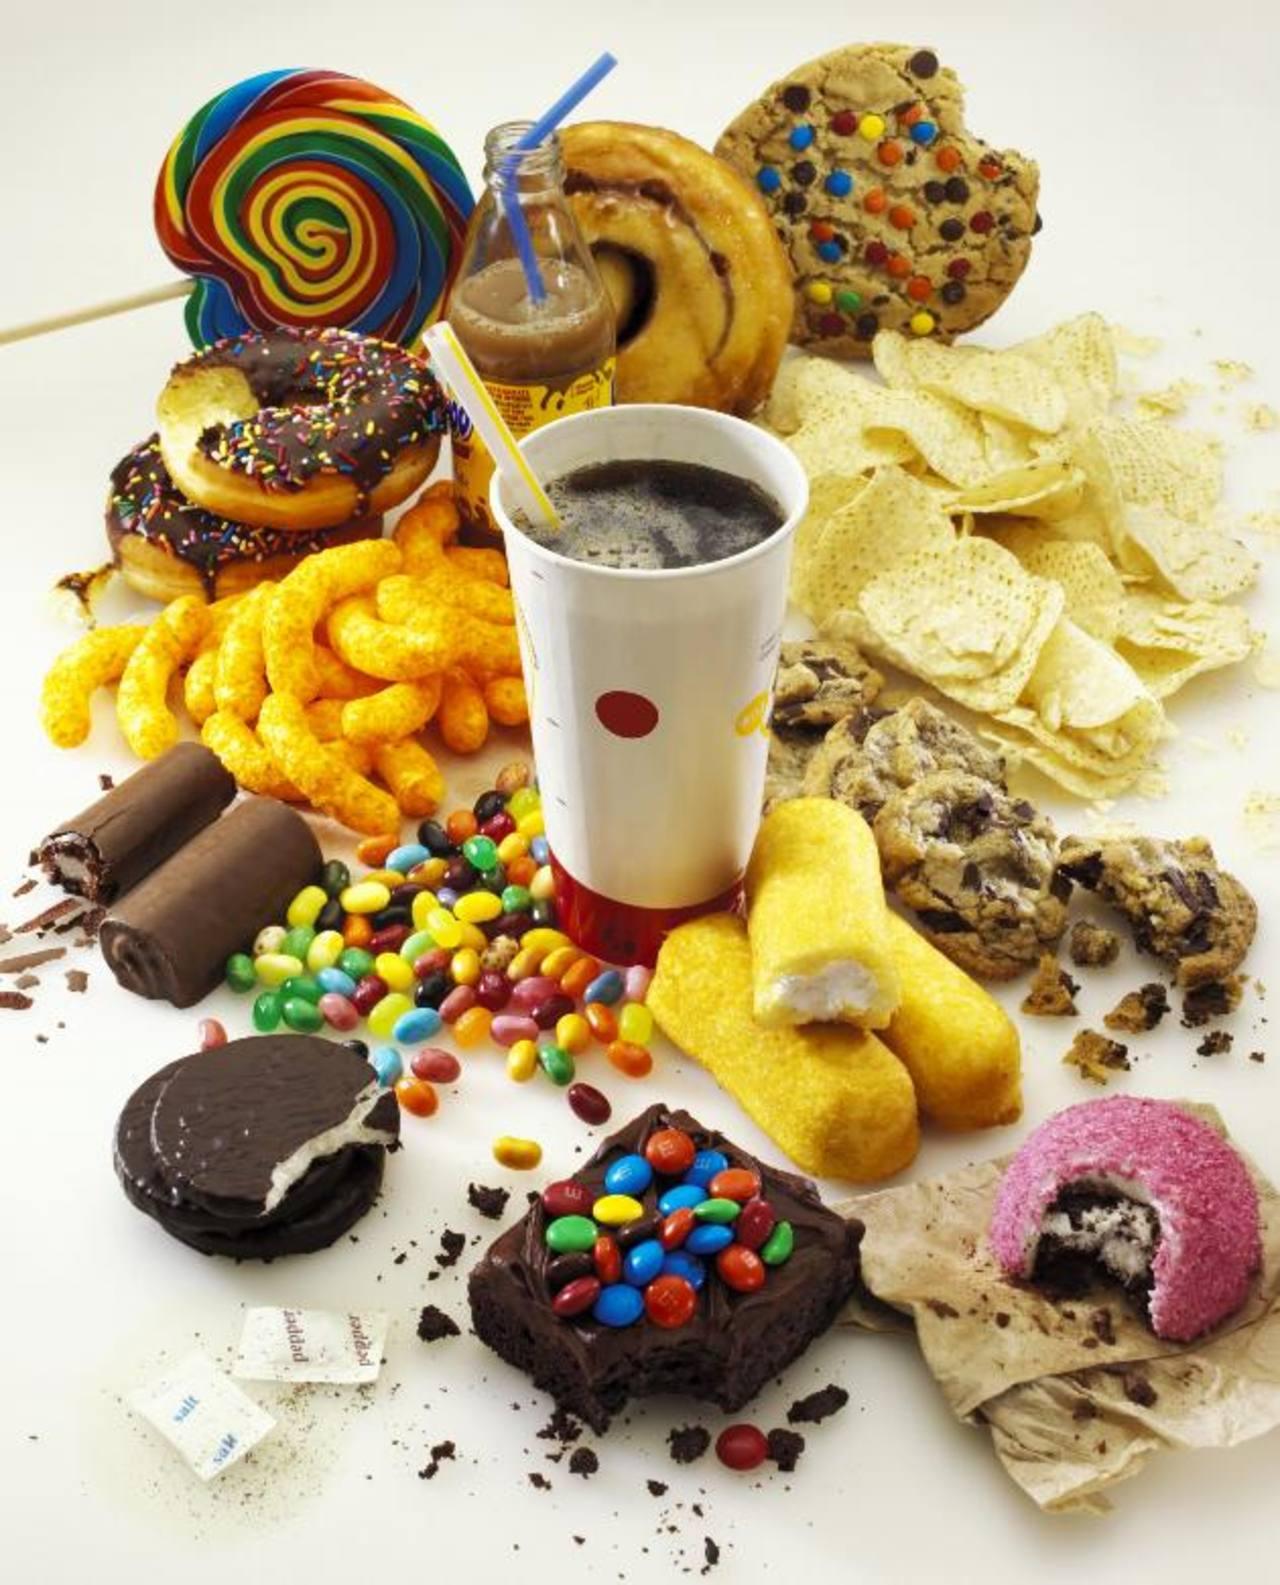 Muchos de los azúcares consumidos actualmente están ocultos en alimentos procesados, según la agencia mundial. foto EDH